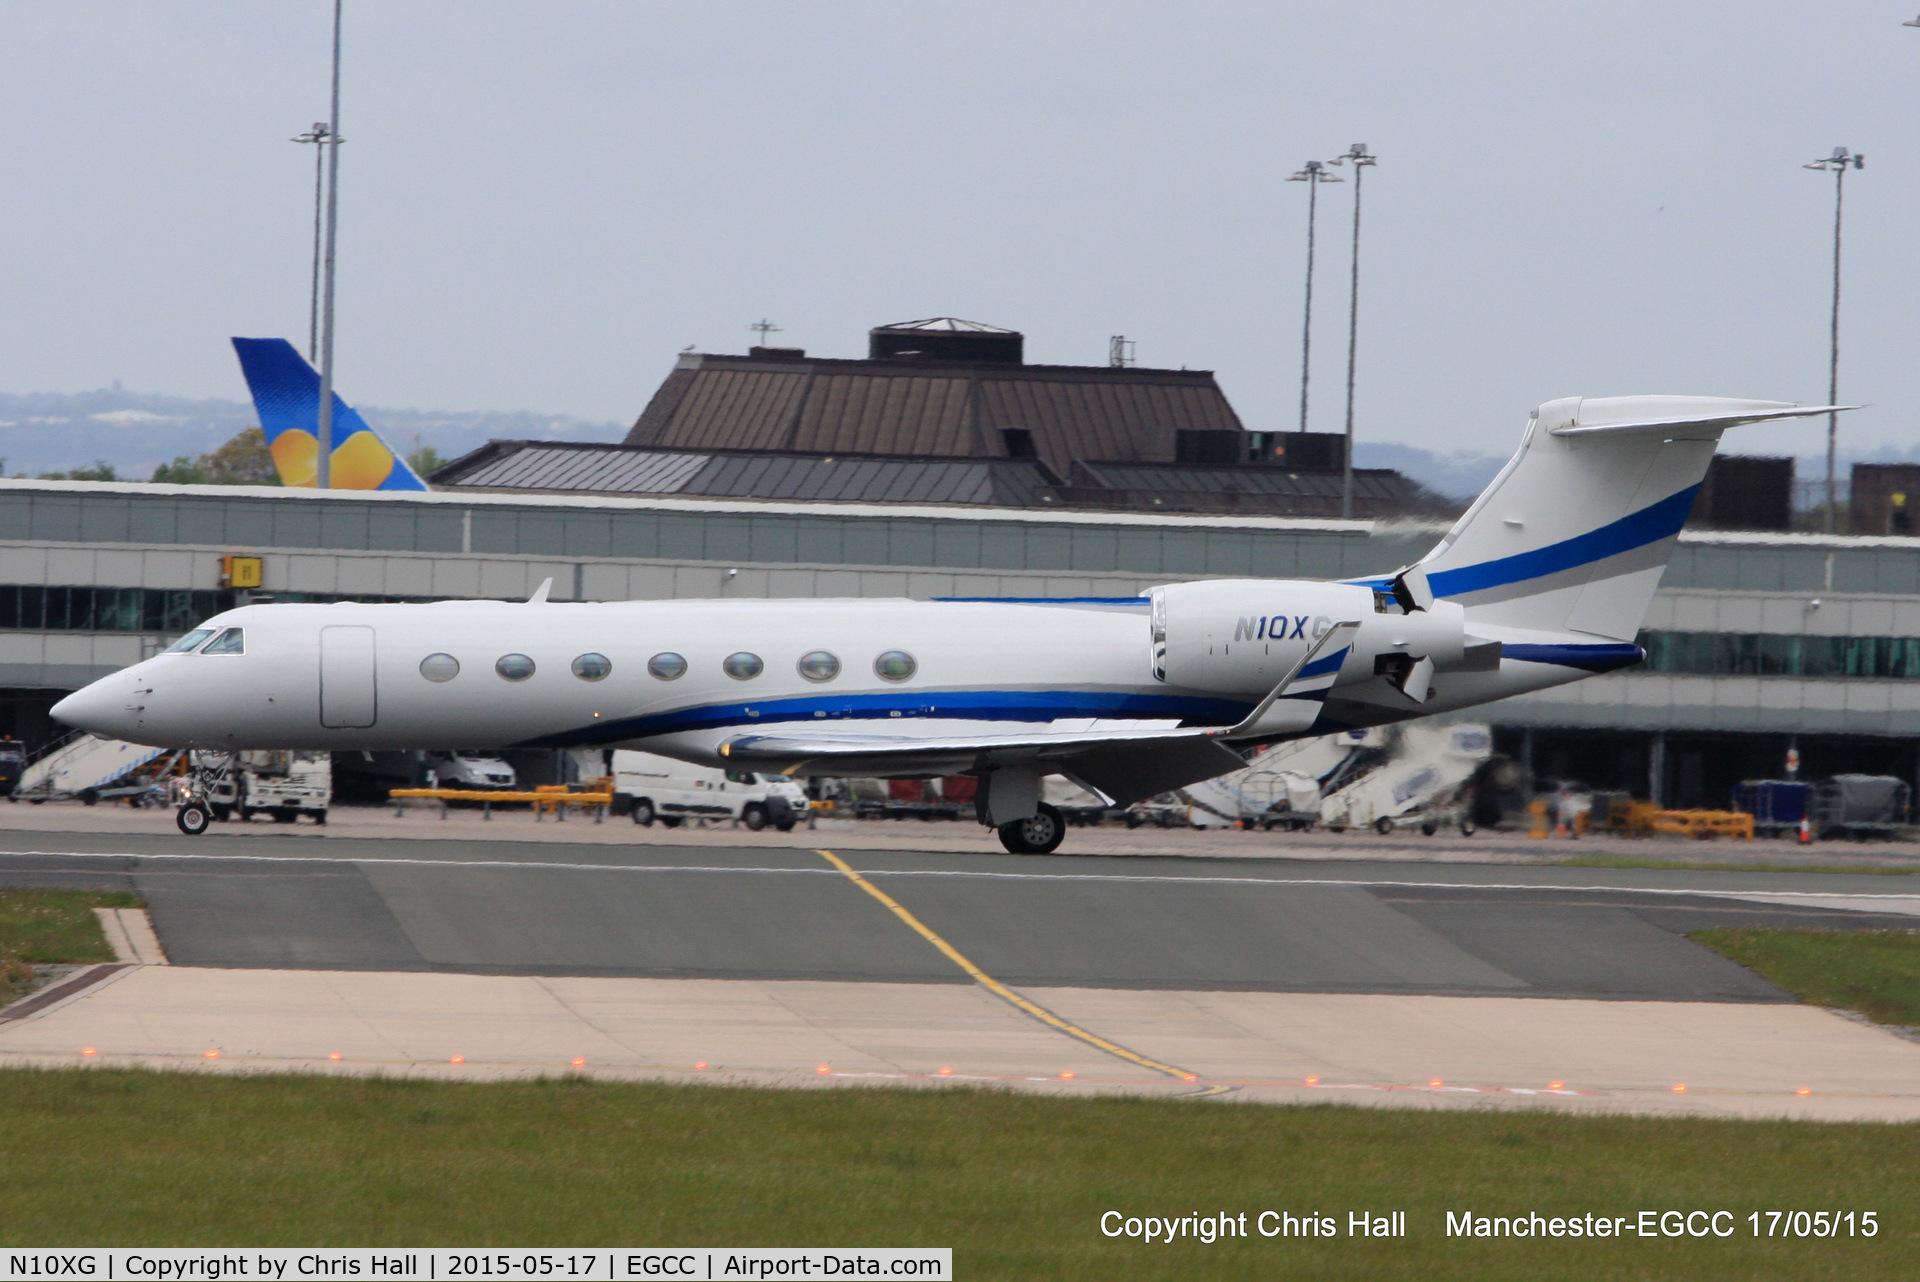 N10XG, 2008 Gulfstream Aerospace GV-SP (G550) C/N 5186, landing on RW23R